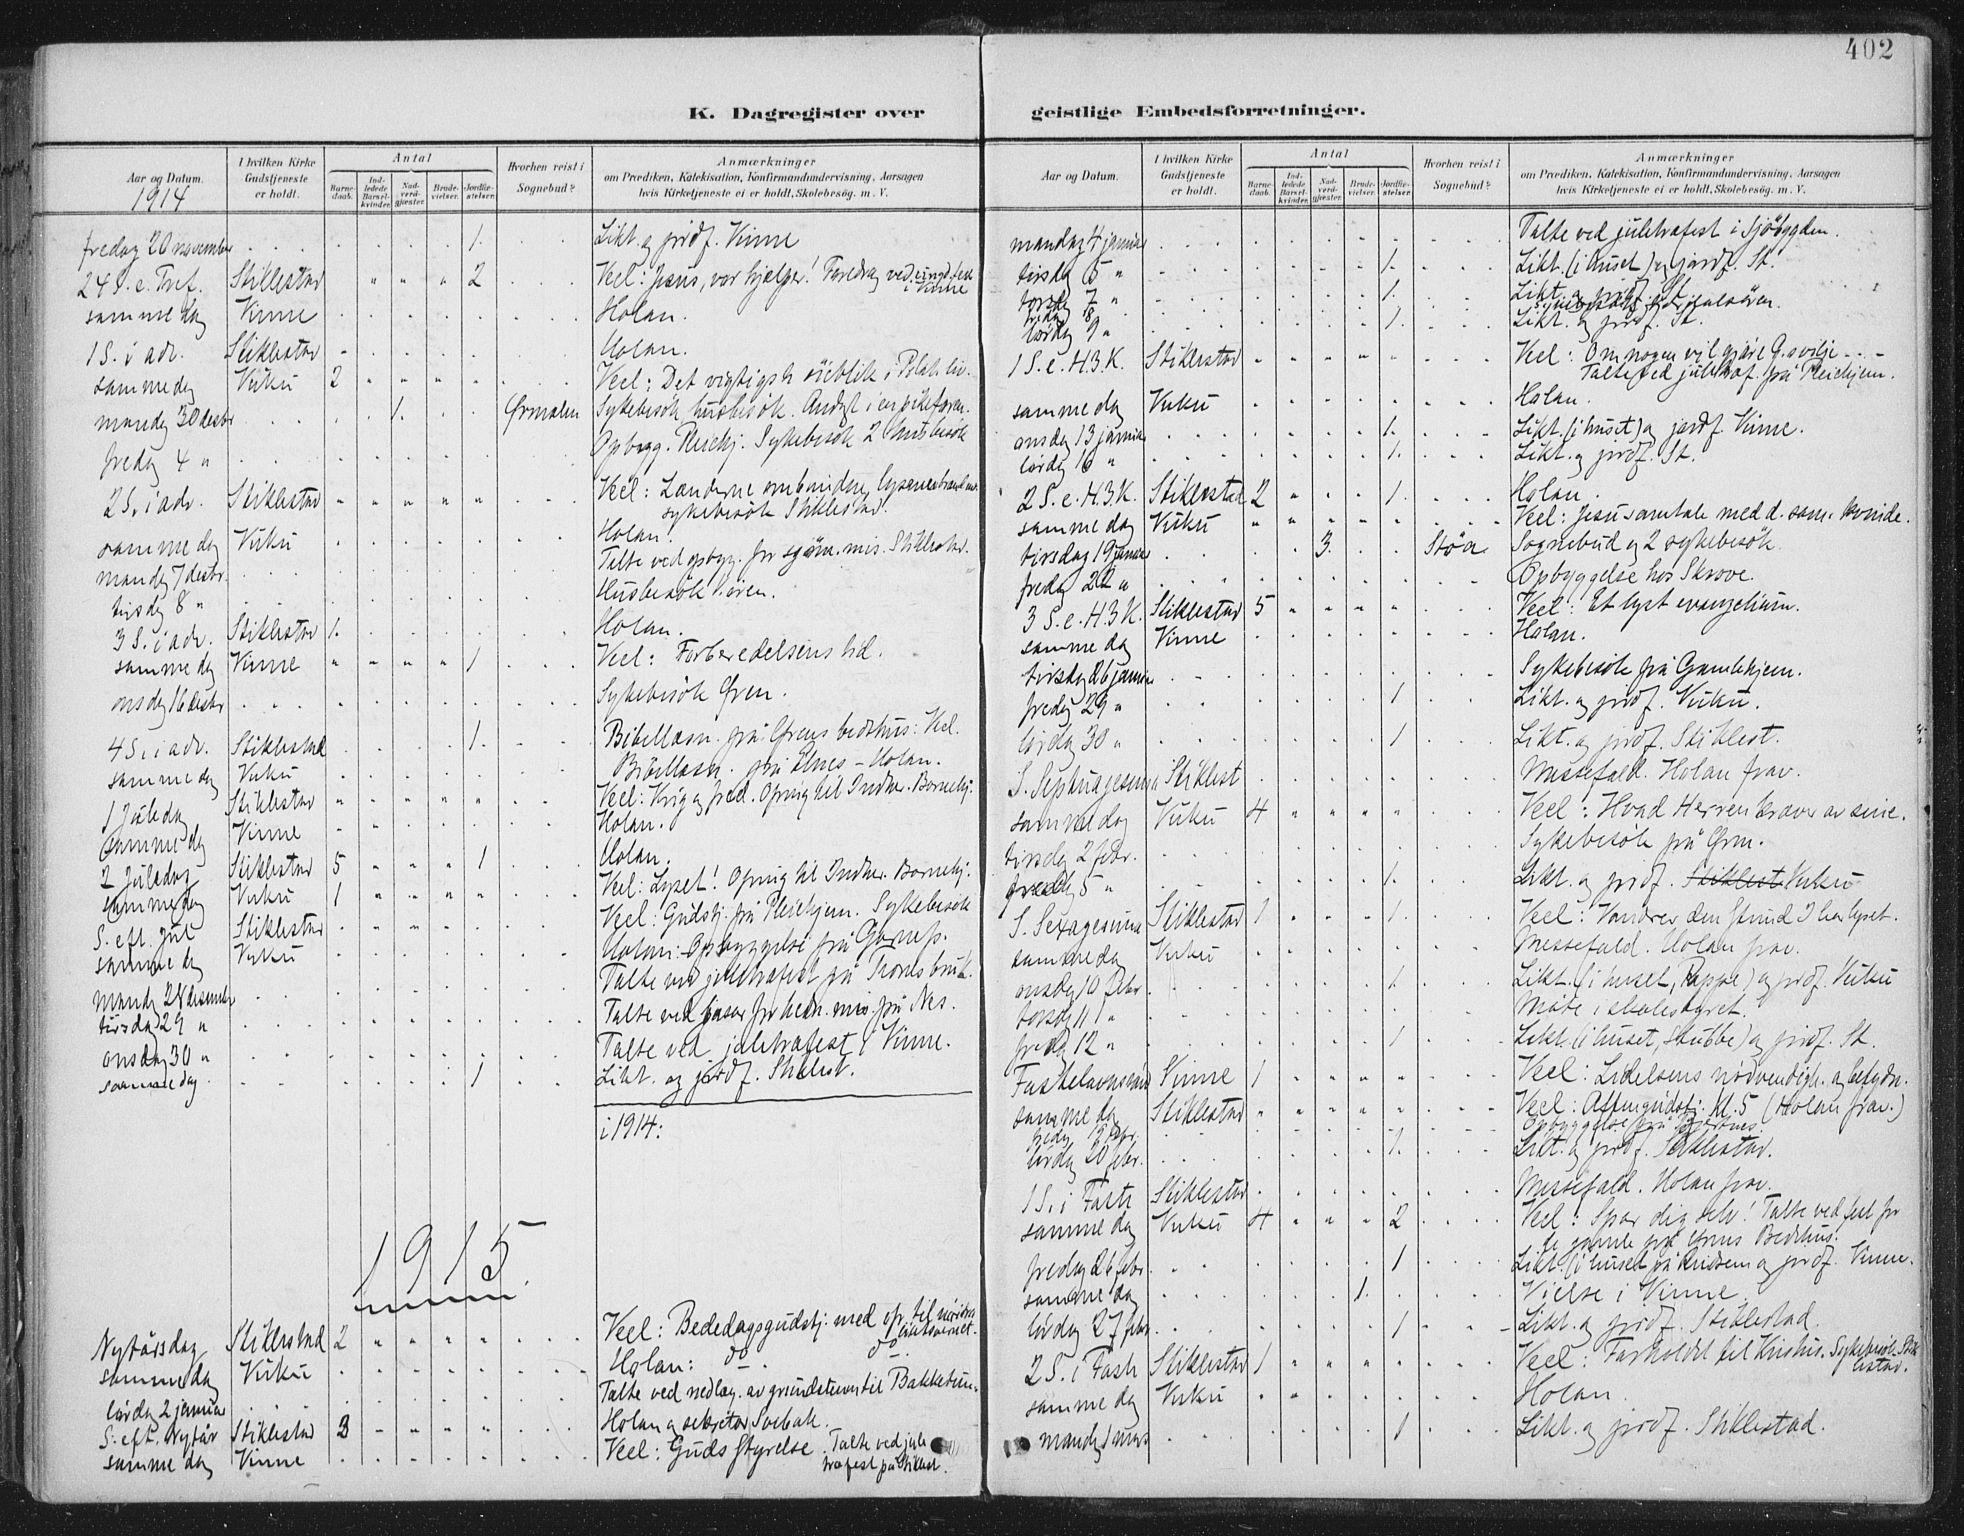 SAT, Ministerialprotokoller, klokkerbøker og fødselsregistre - Nord-Trøndelag, 723/L0246: Ministerialbok nr. 723A15, 1900-1917, s. 402